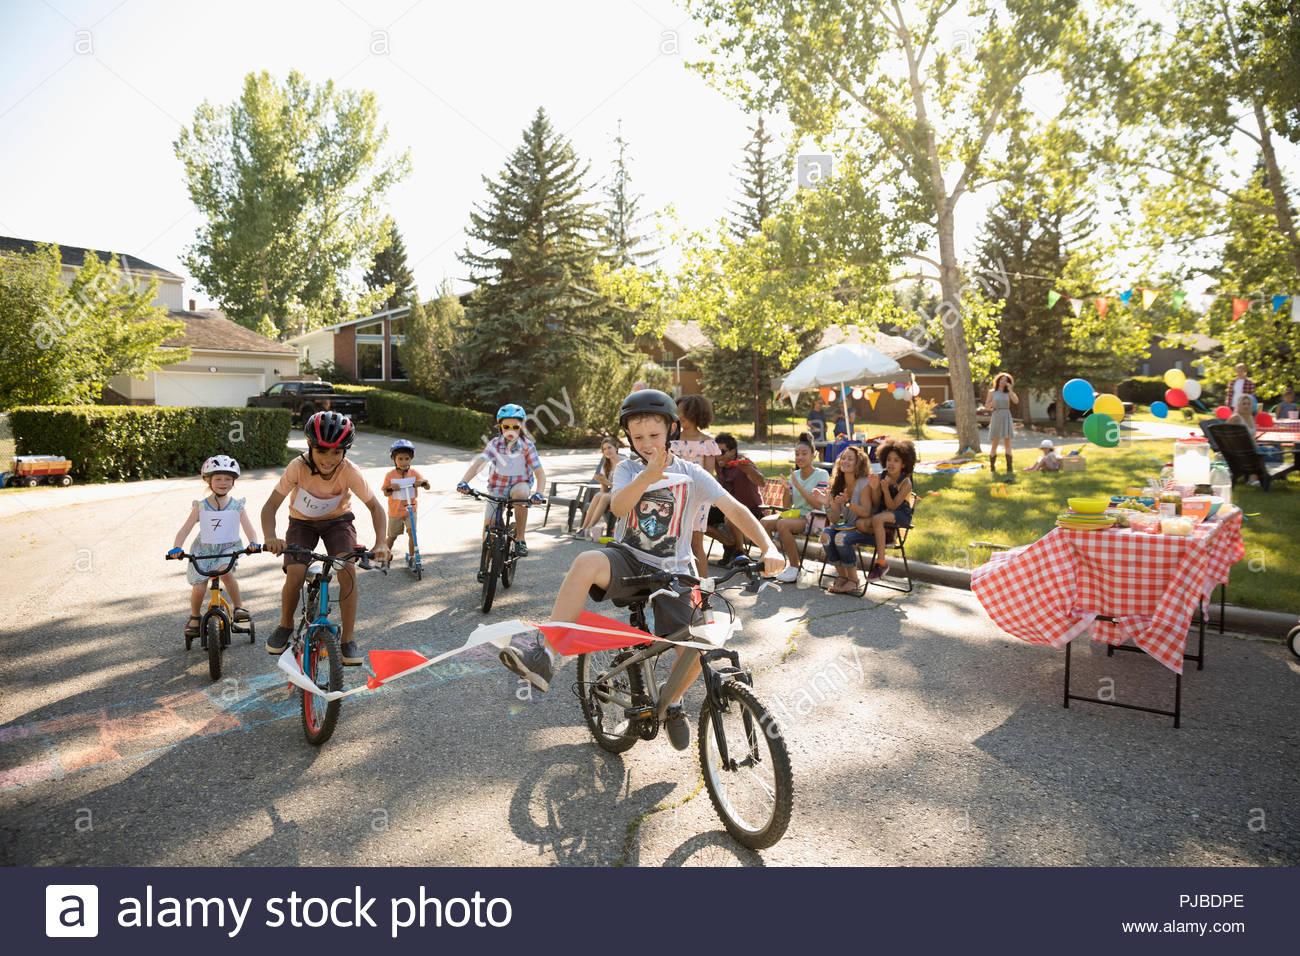 Los niños disfrutan Bike carrera en verano barrio block party Imagen De Stock